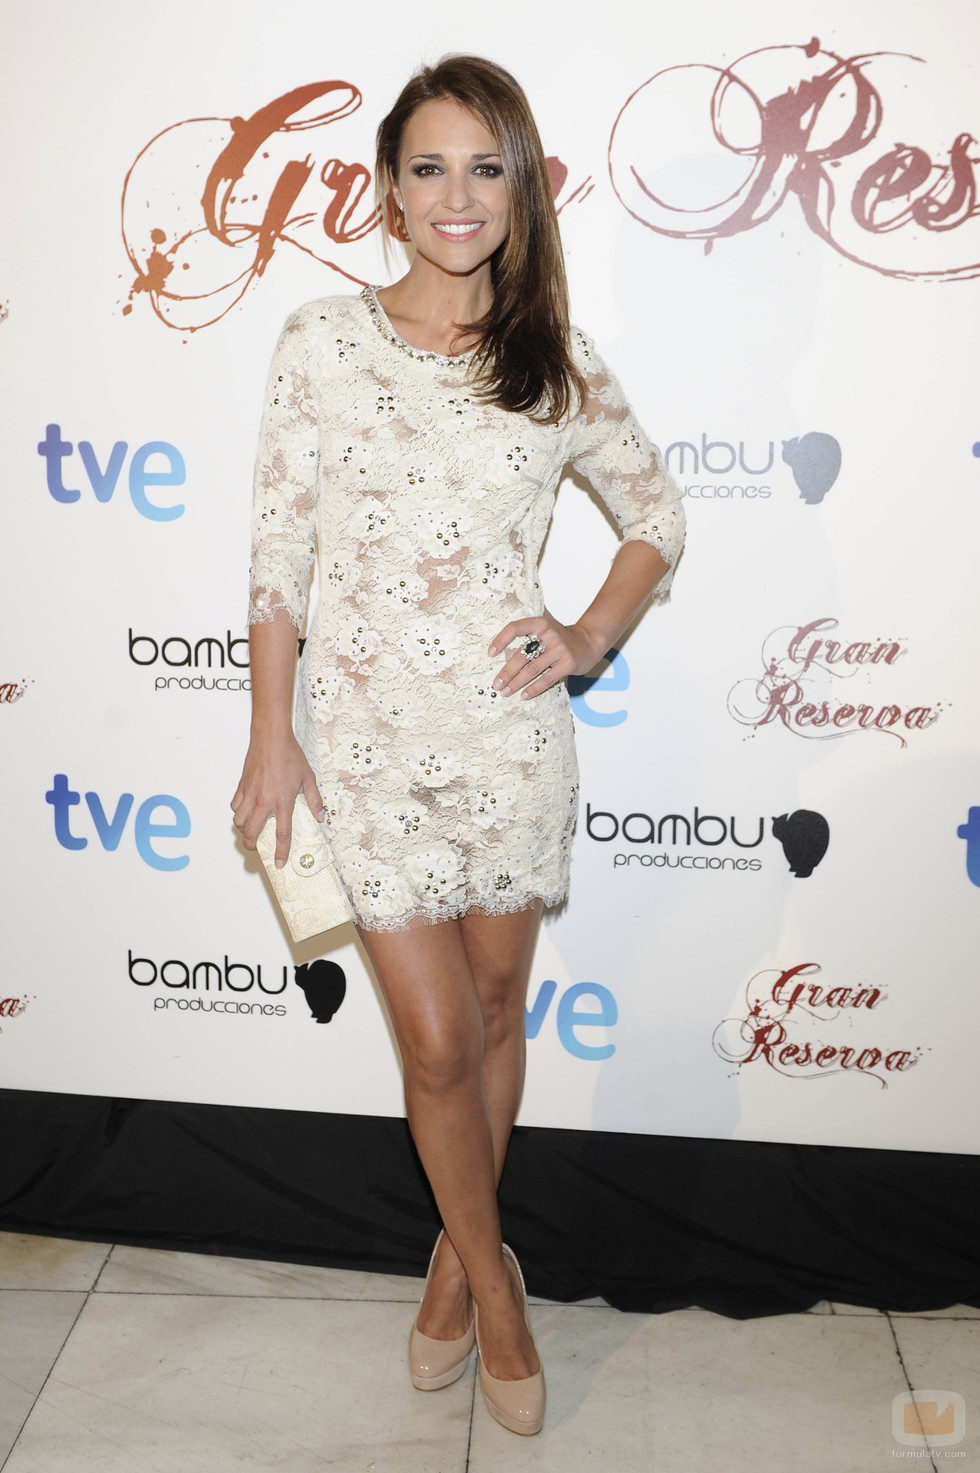 Paula Echeverría en la premiere de la tercera temporada de 'Gran Reserva'